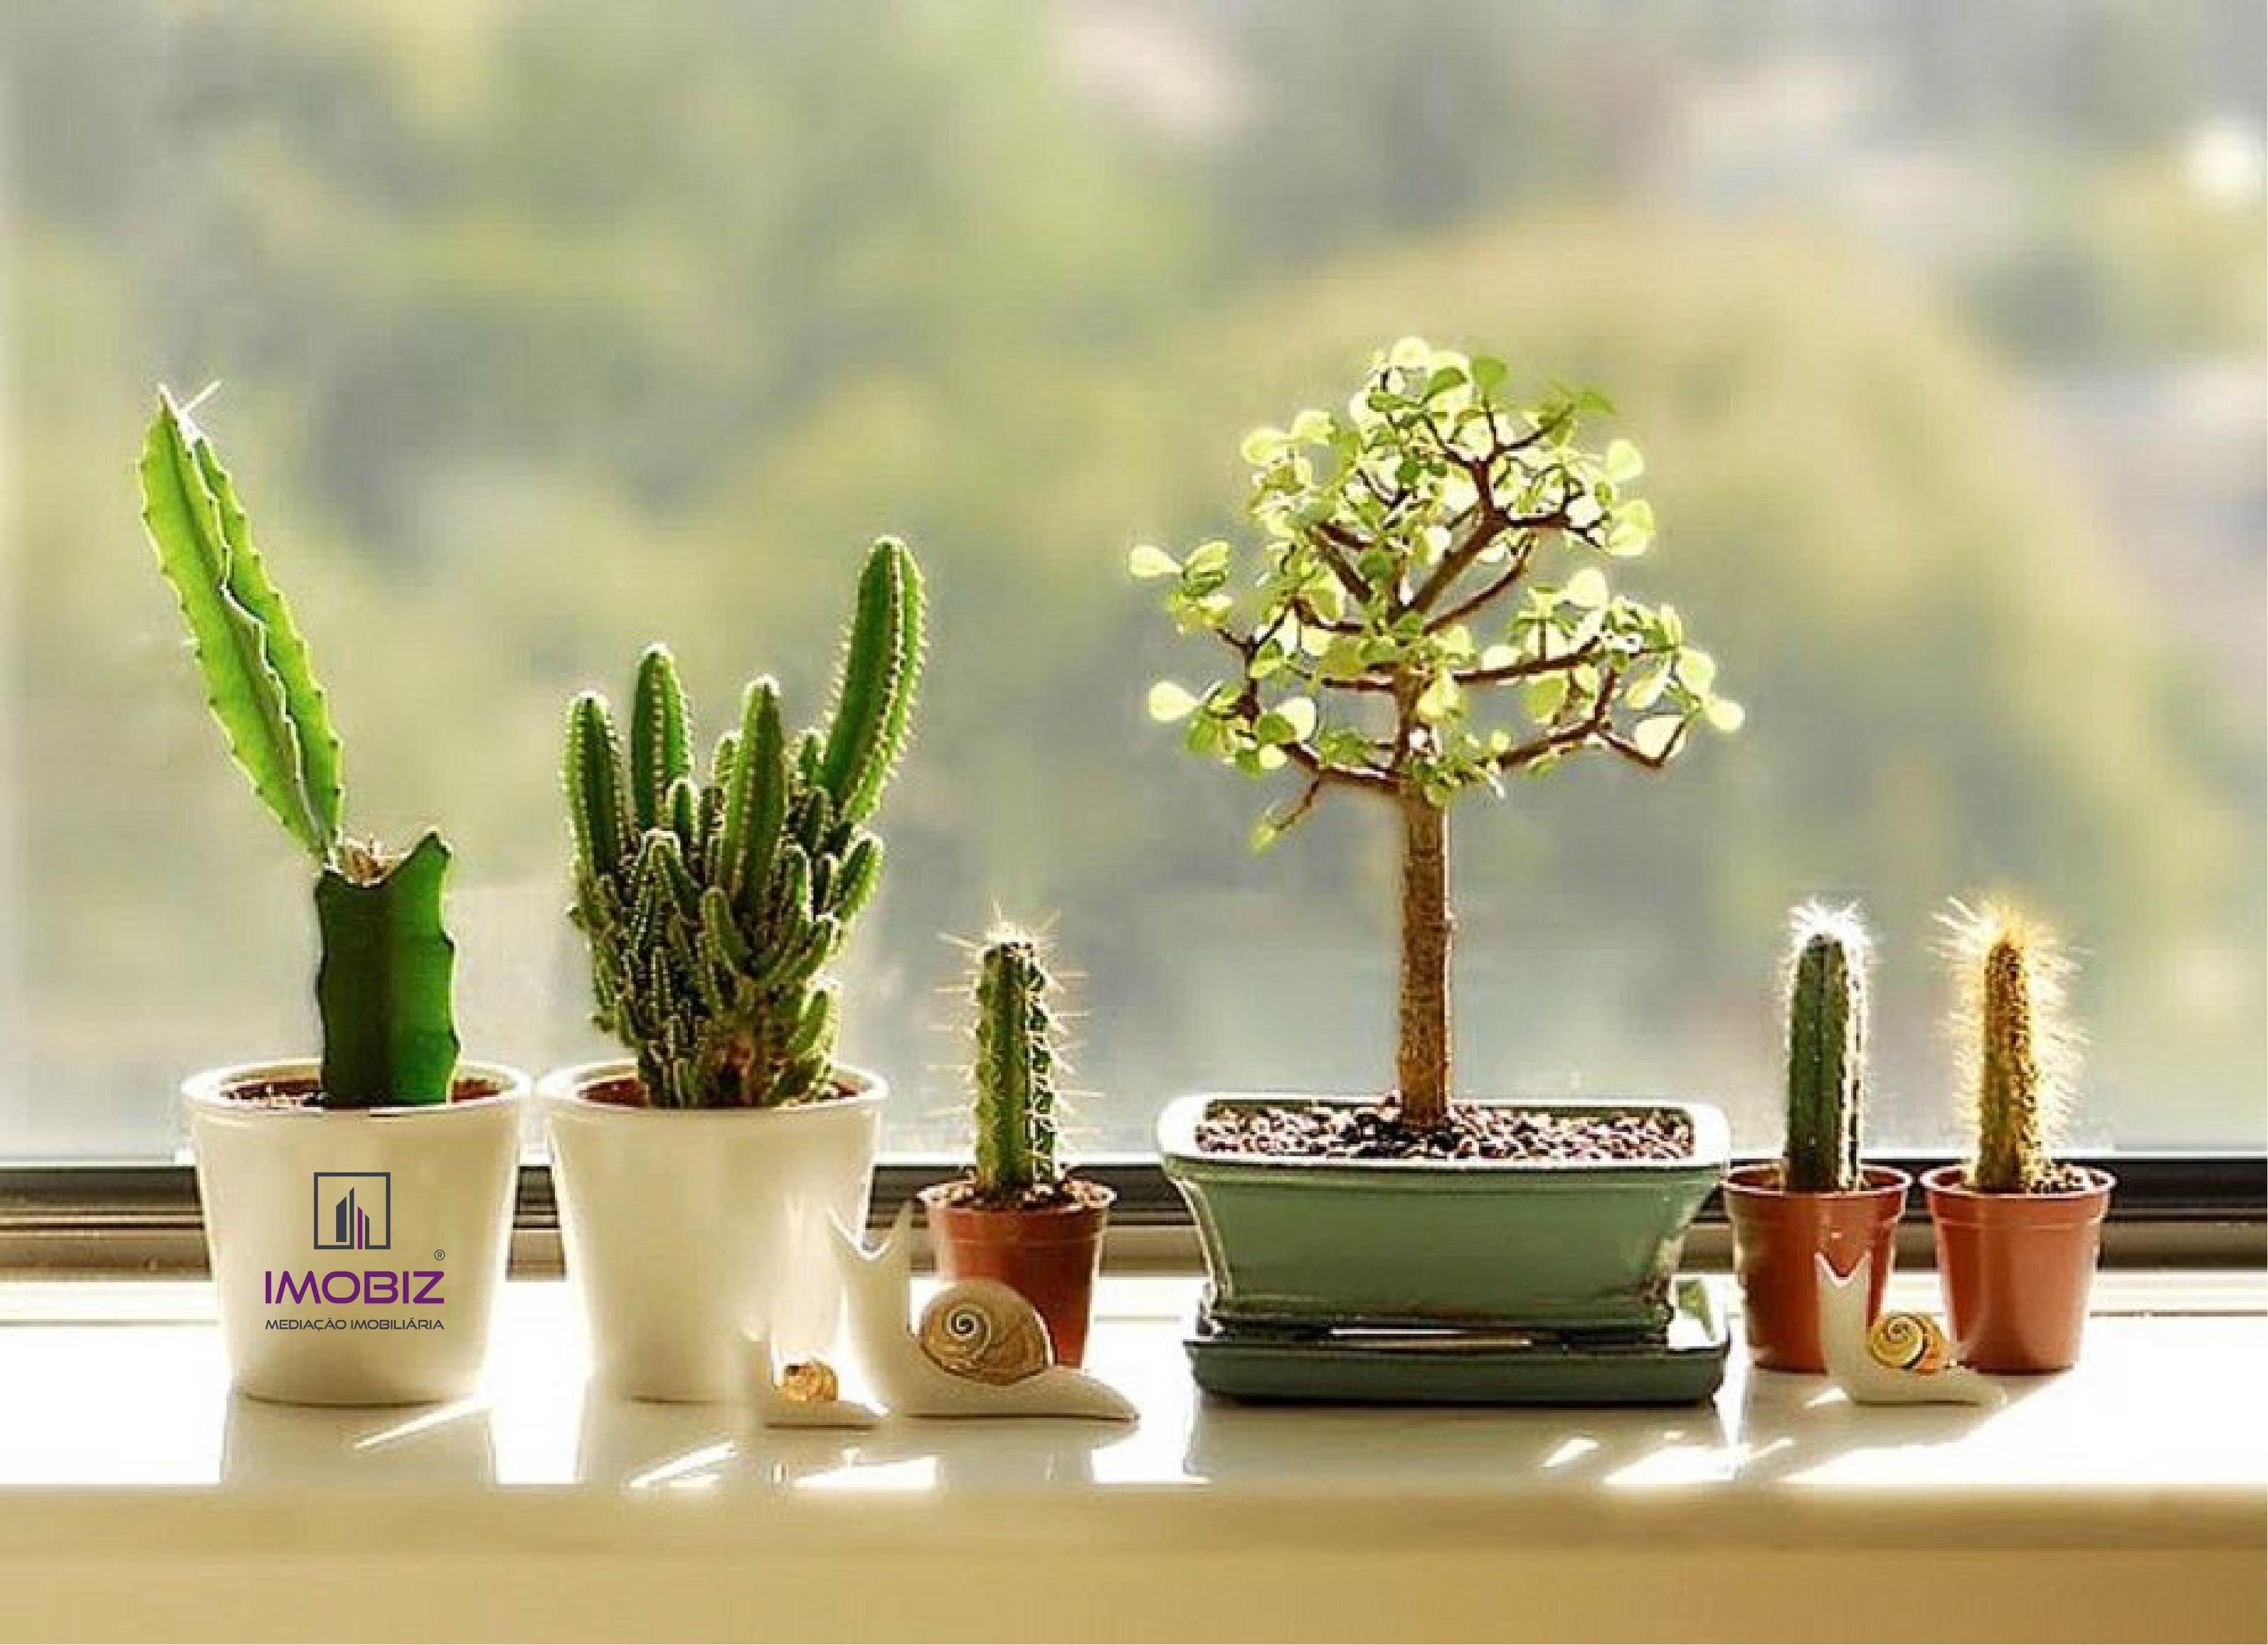 Boas ideias para criar um jardim no seu apartamento